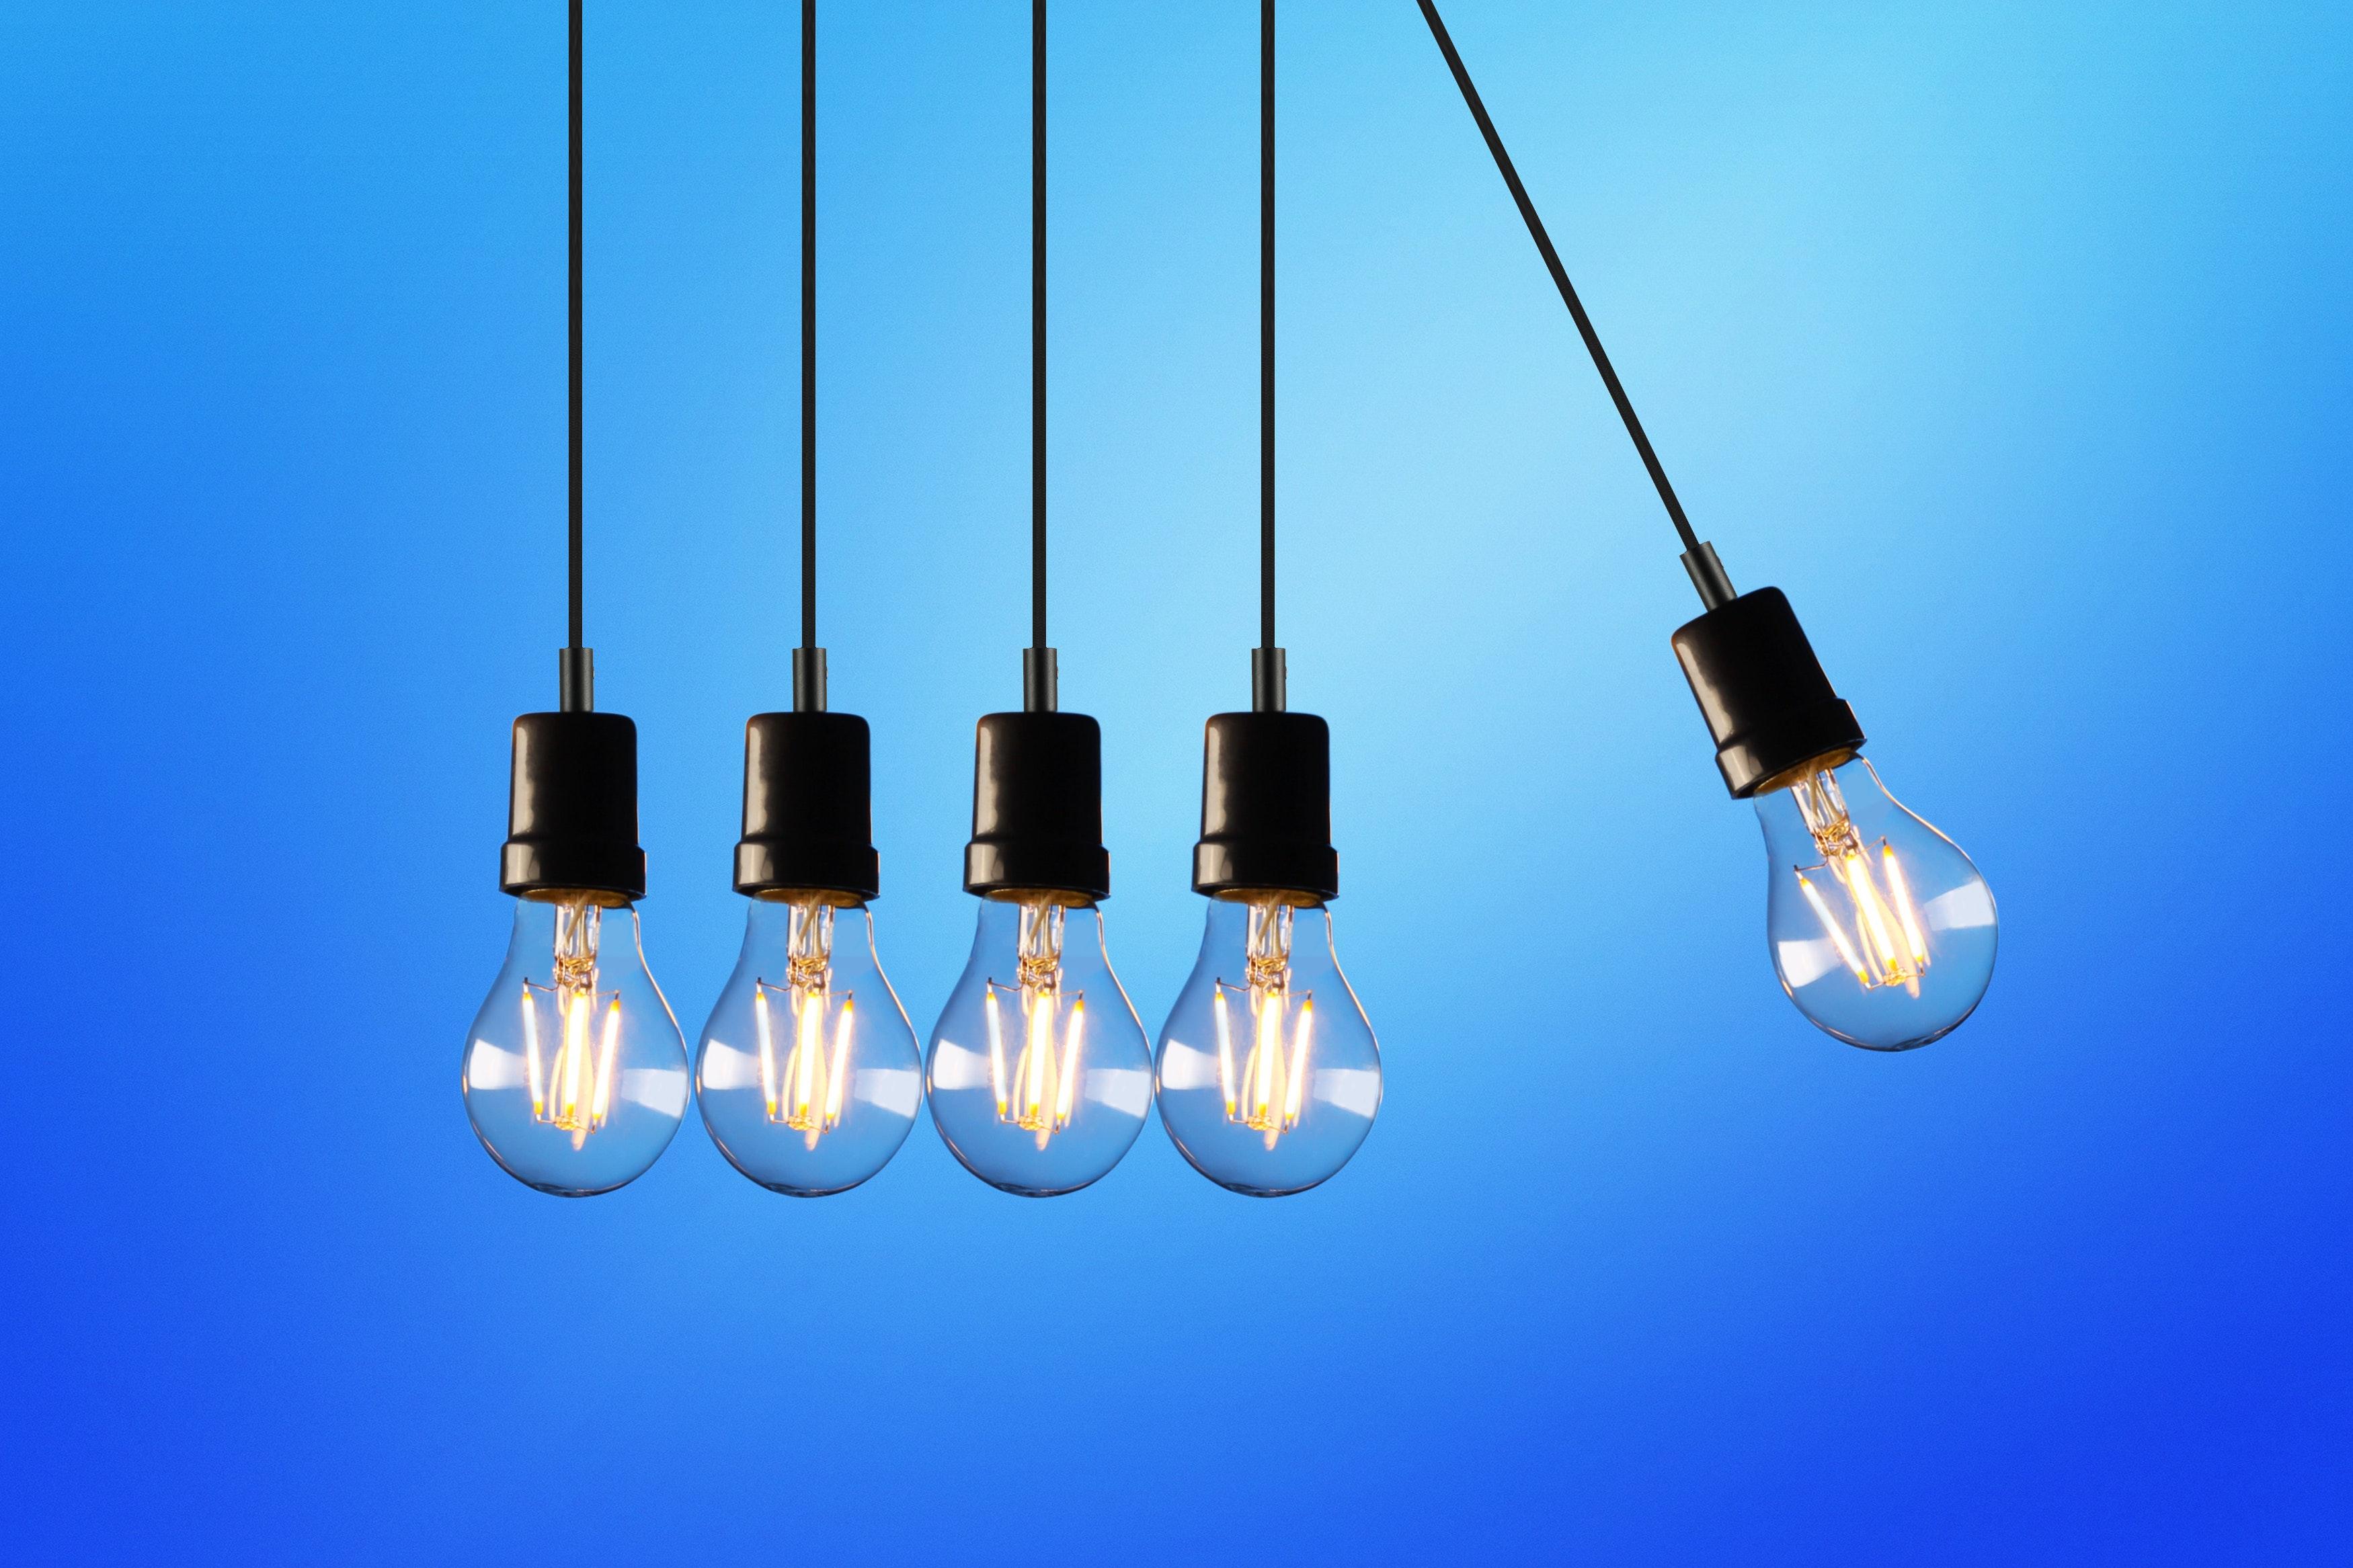 five-bulb-lights-1036936